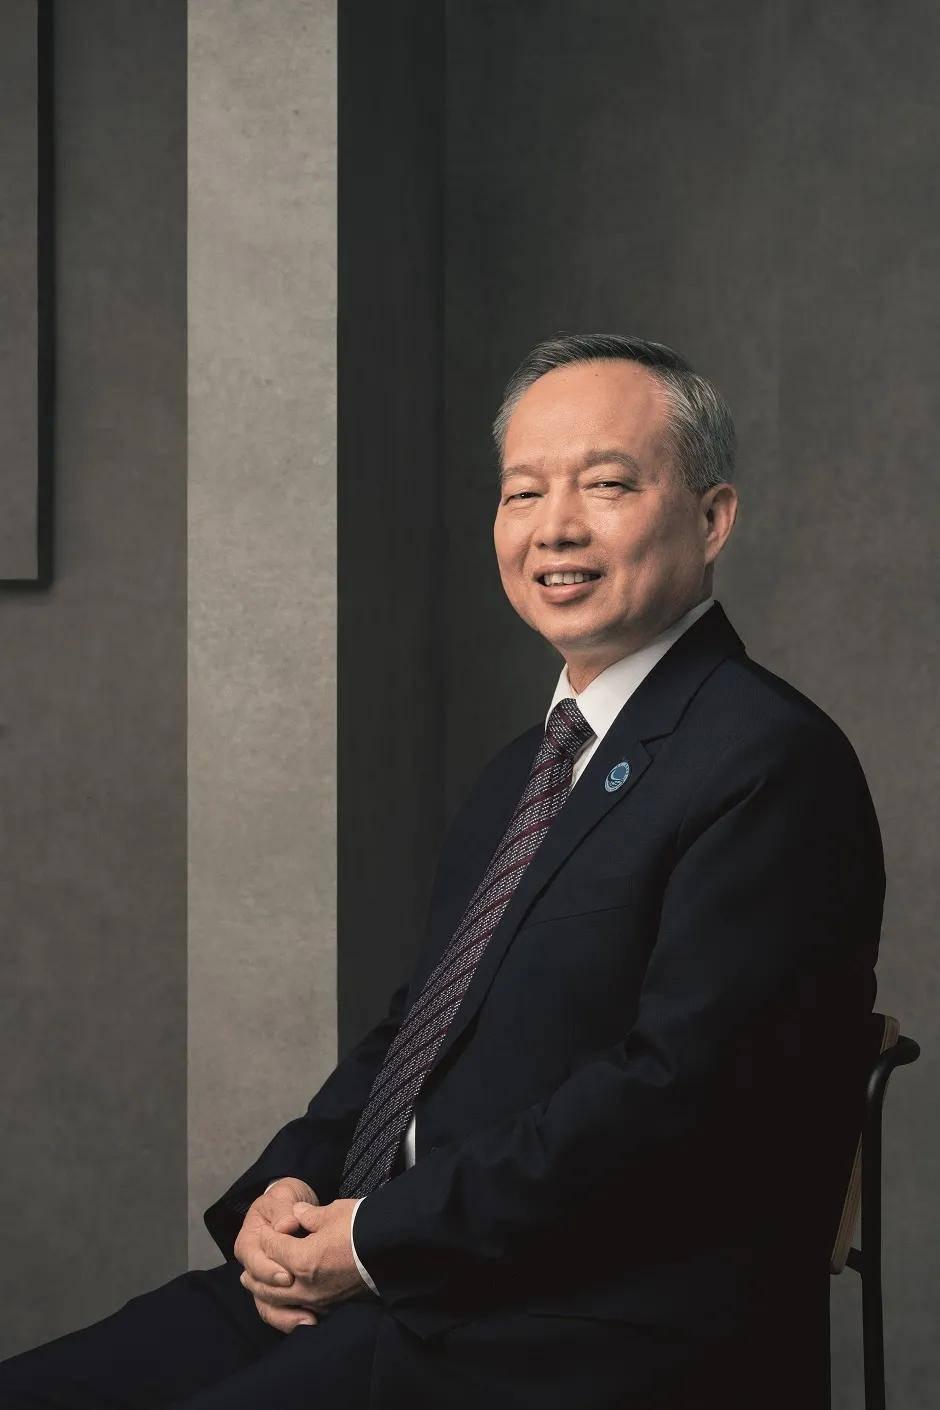 原创 杨长风:北斗系统让中国时空信息掌握在自己手中